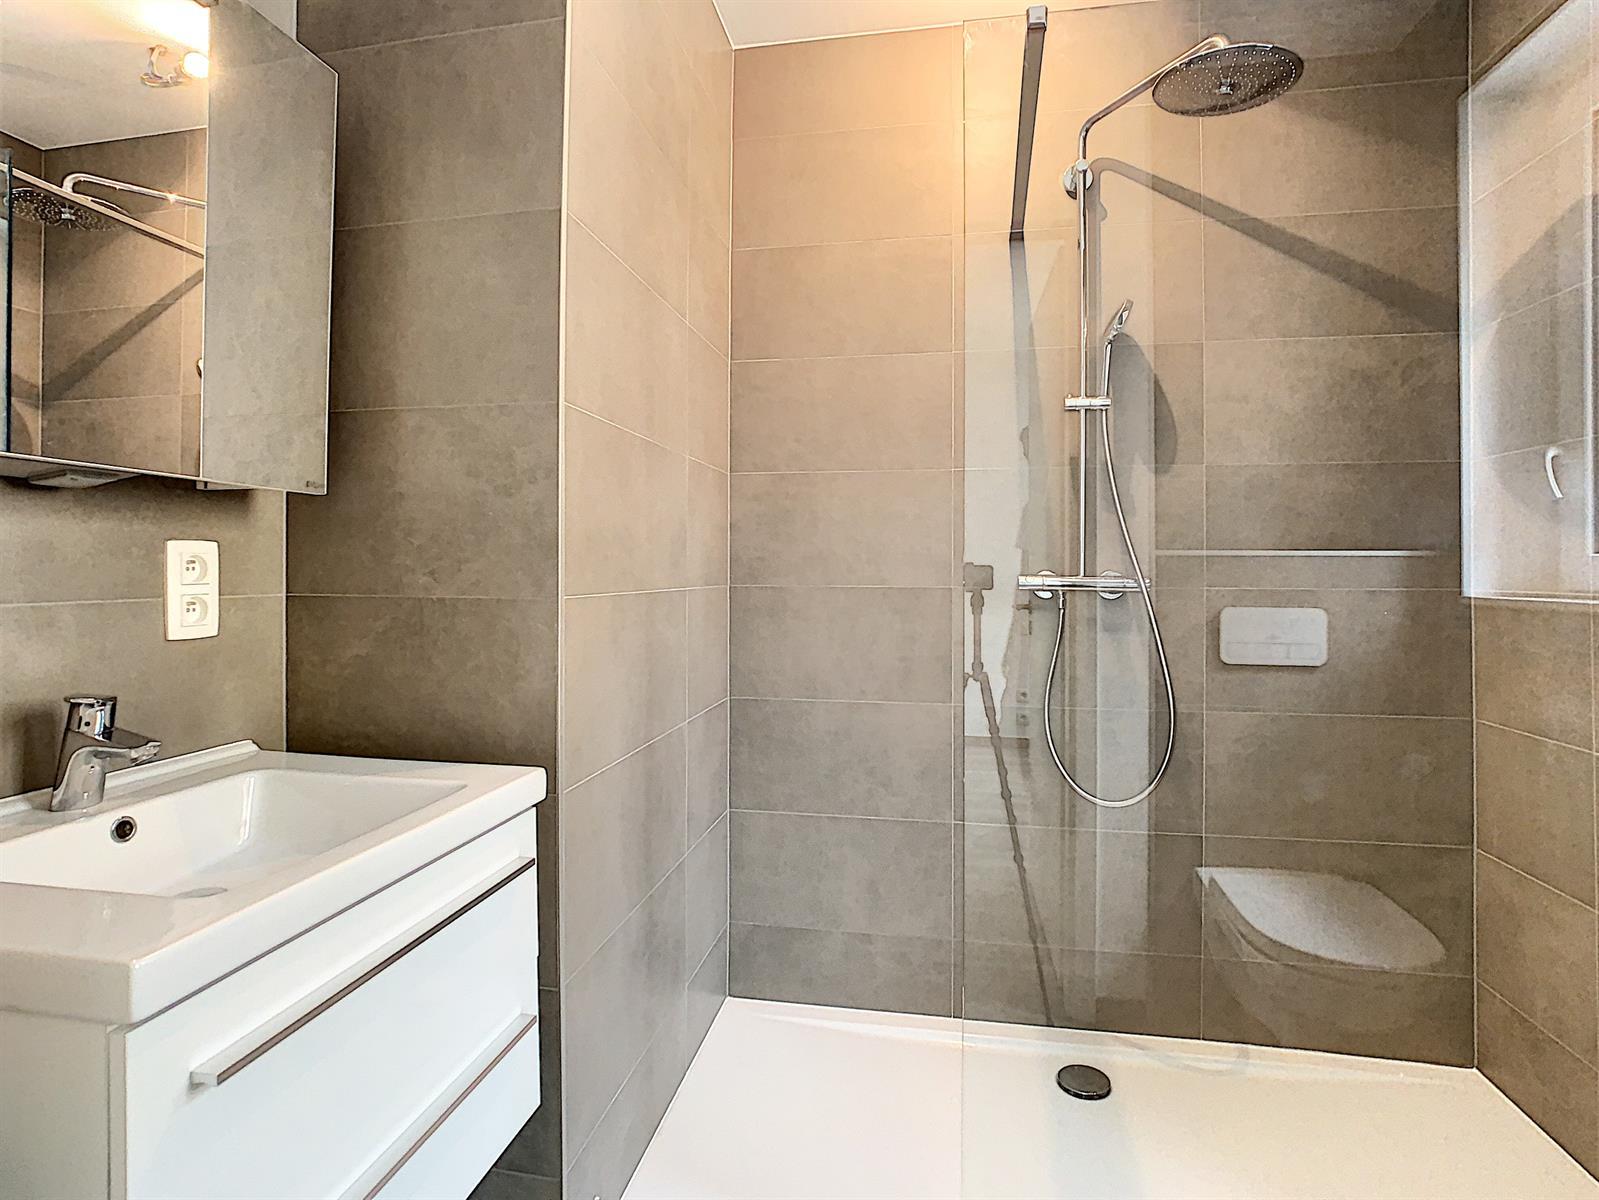 Appartement - Louvain-la-Neuve - #4149935-8